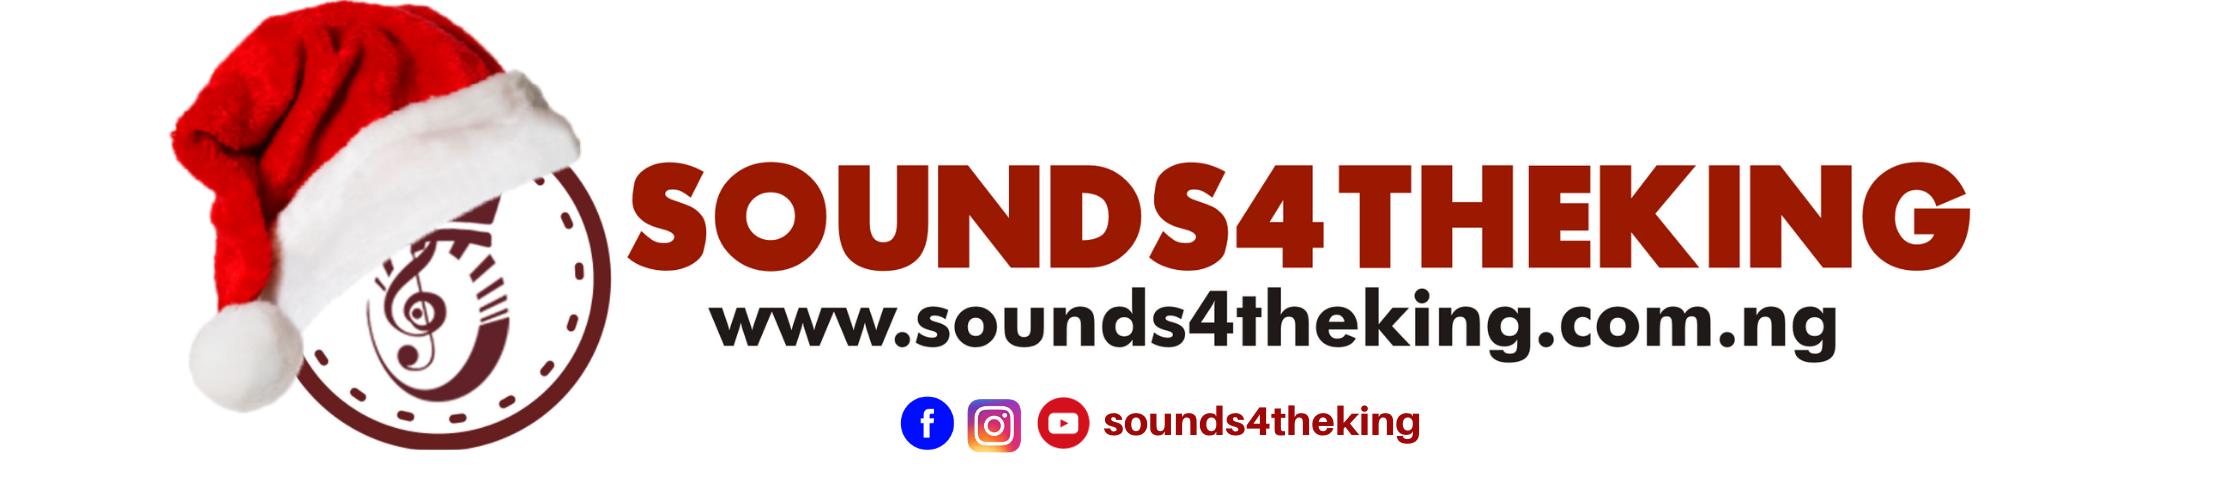 Sounds4TheKing